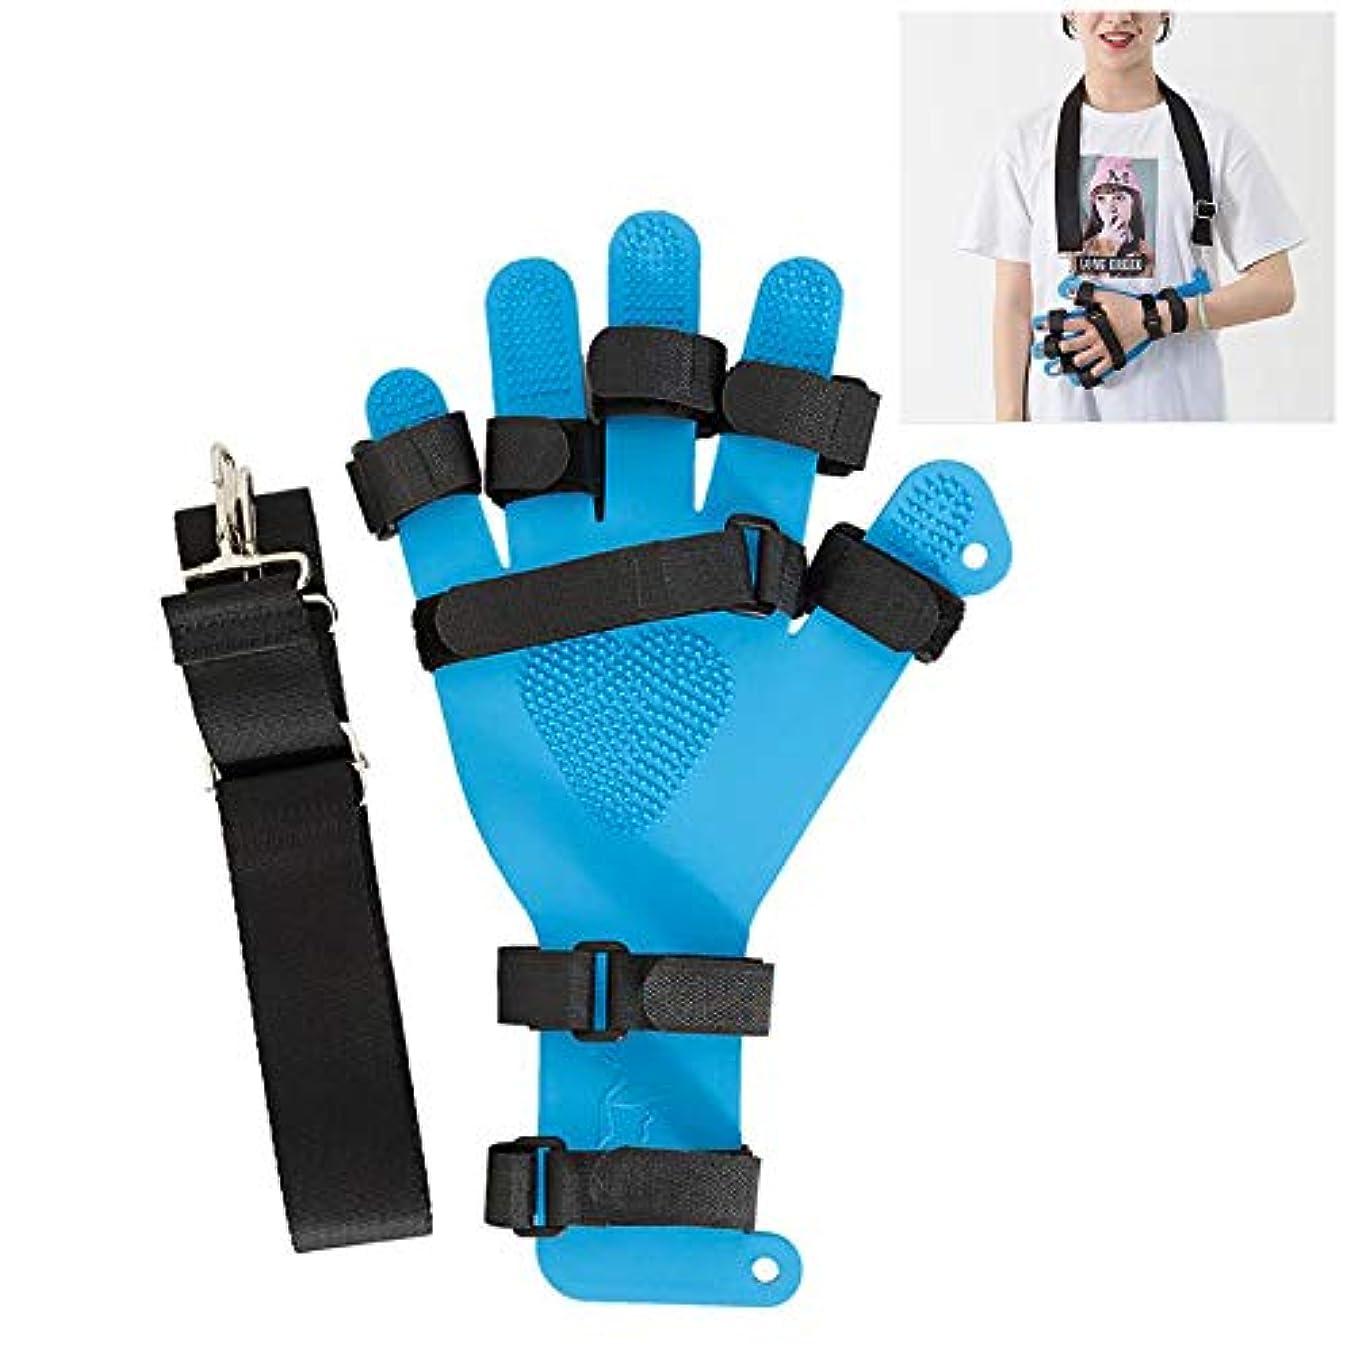 プレゼン審判パネル指の副木指板、調節可能な手首の訓練の装具、リハビリテーションのための指の分離器延長板。,2PCS